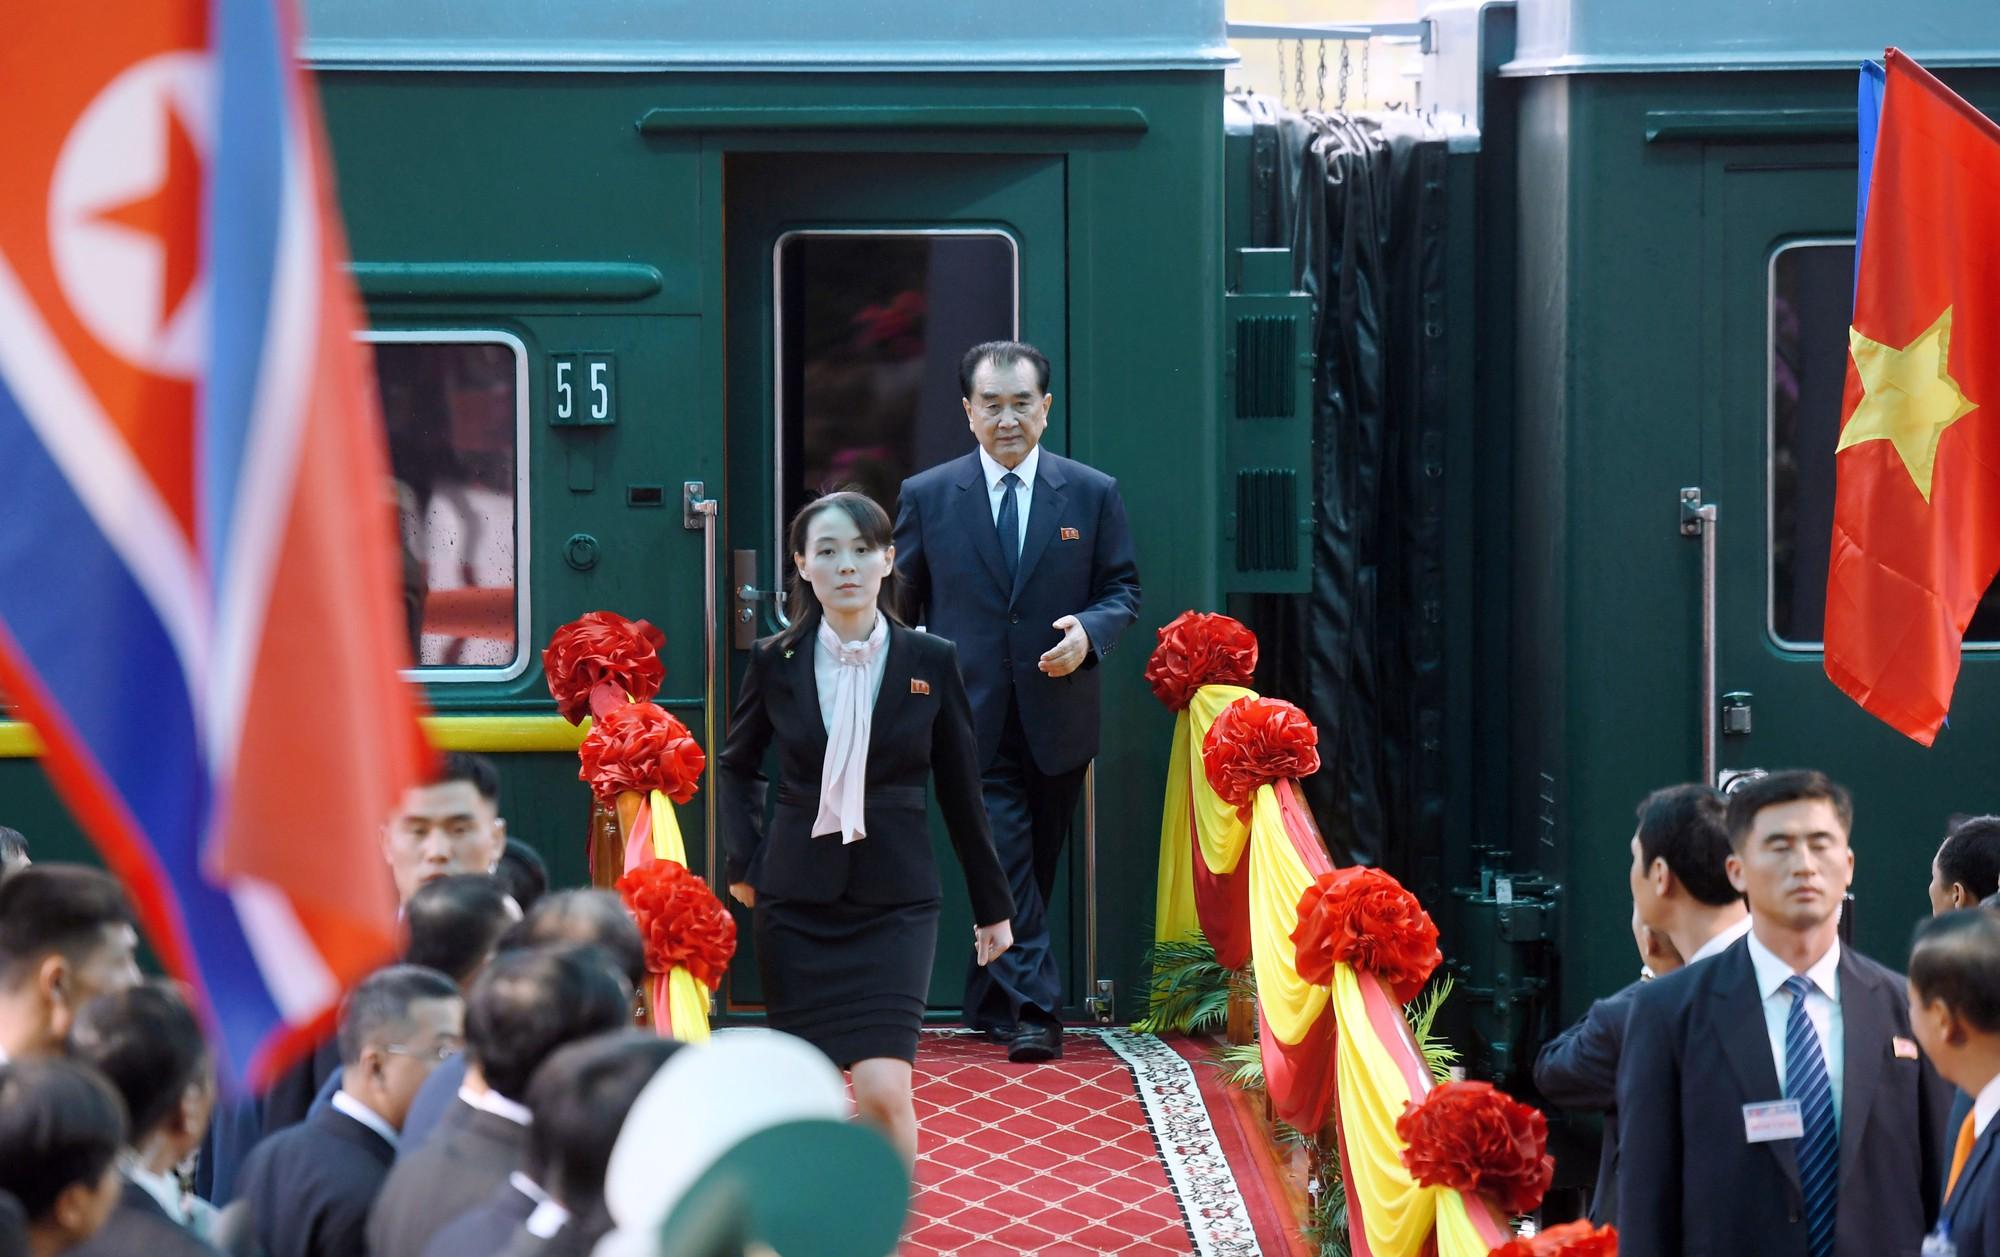 [PHOTO ESSAY] Những khoảnh khắc lịch sử trong chuyến công du Việt Nam đầu tiên của Chủ tịch Kim Jong-un - Ảnh 4.